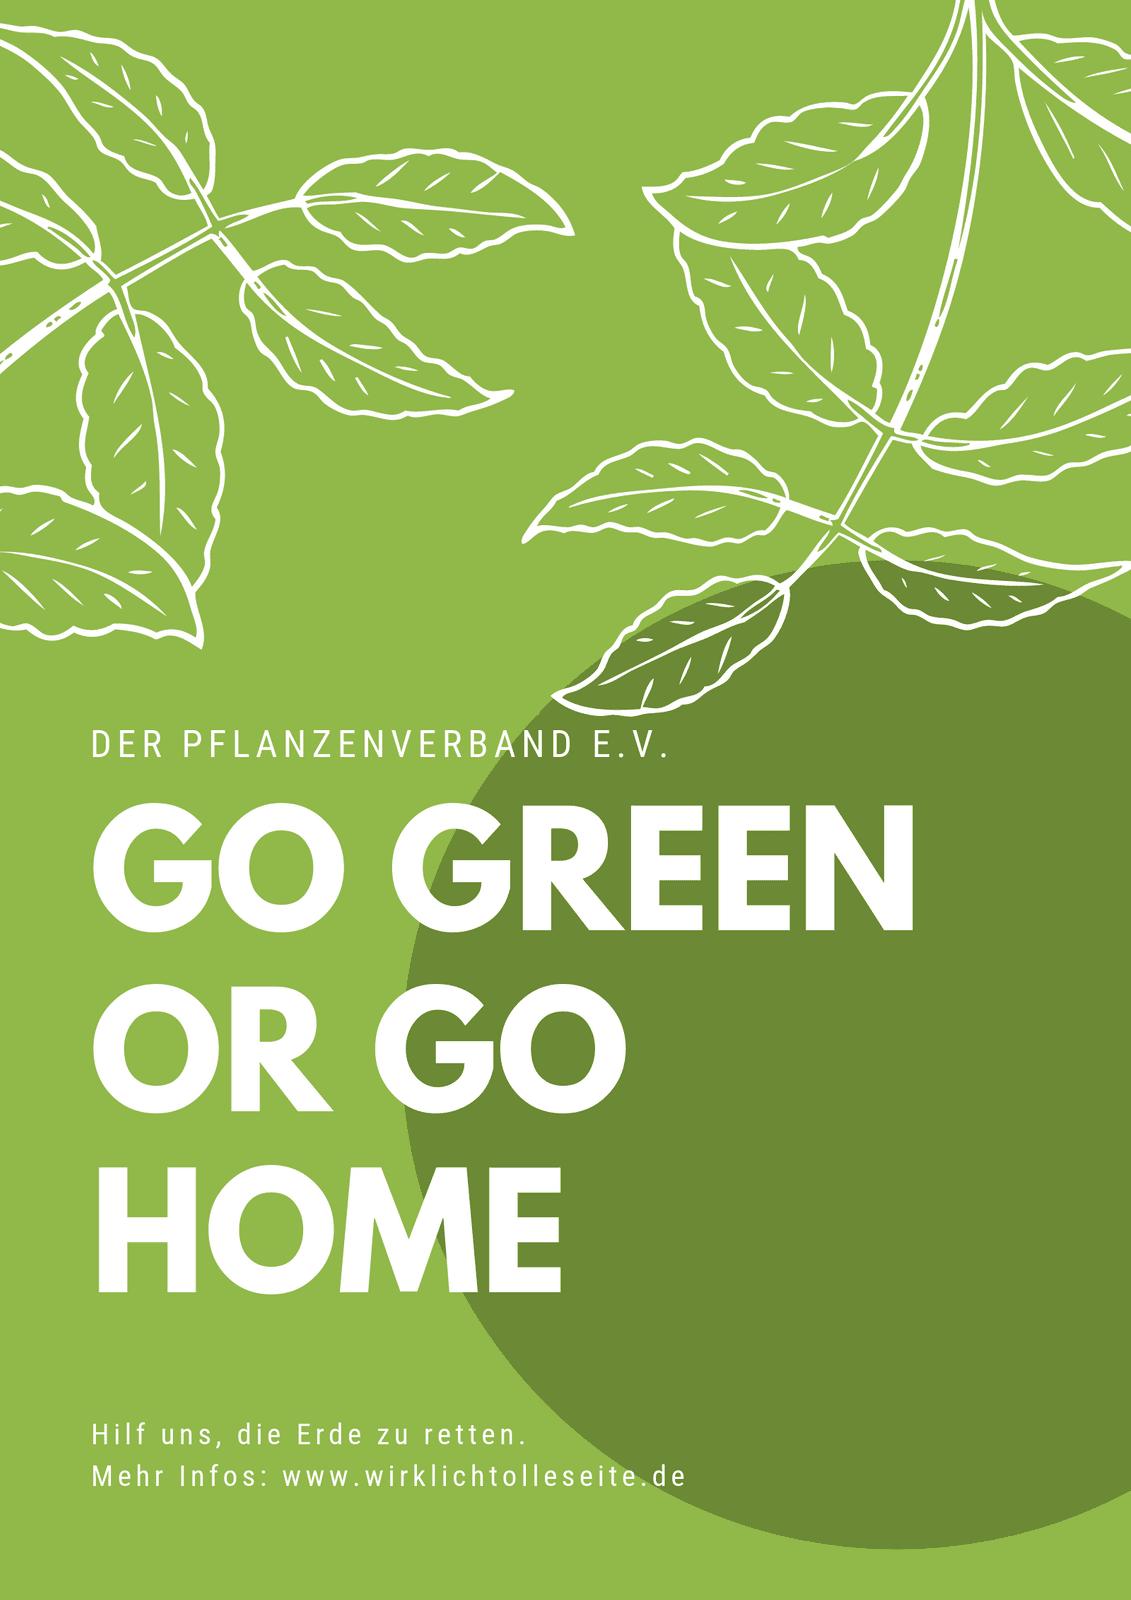 Grün illustriert Blätter Natur Umweltschutz Poster